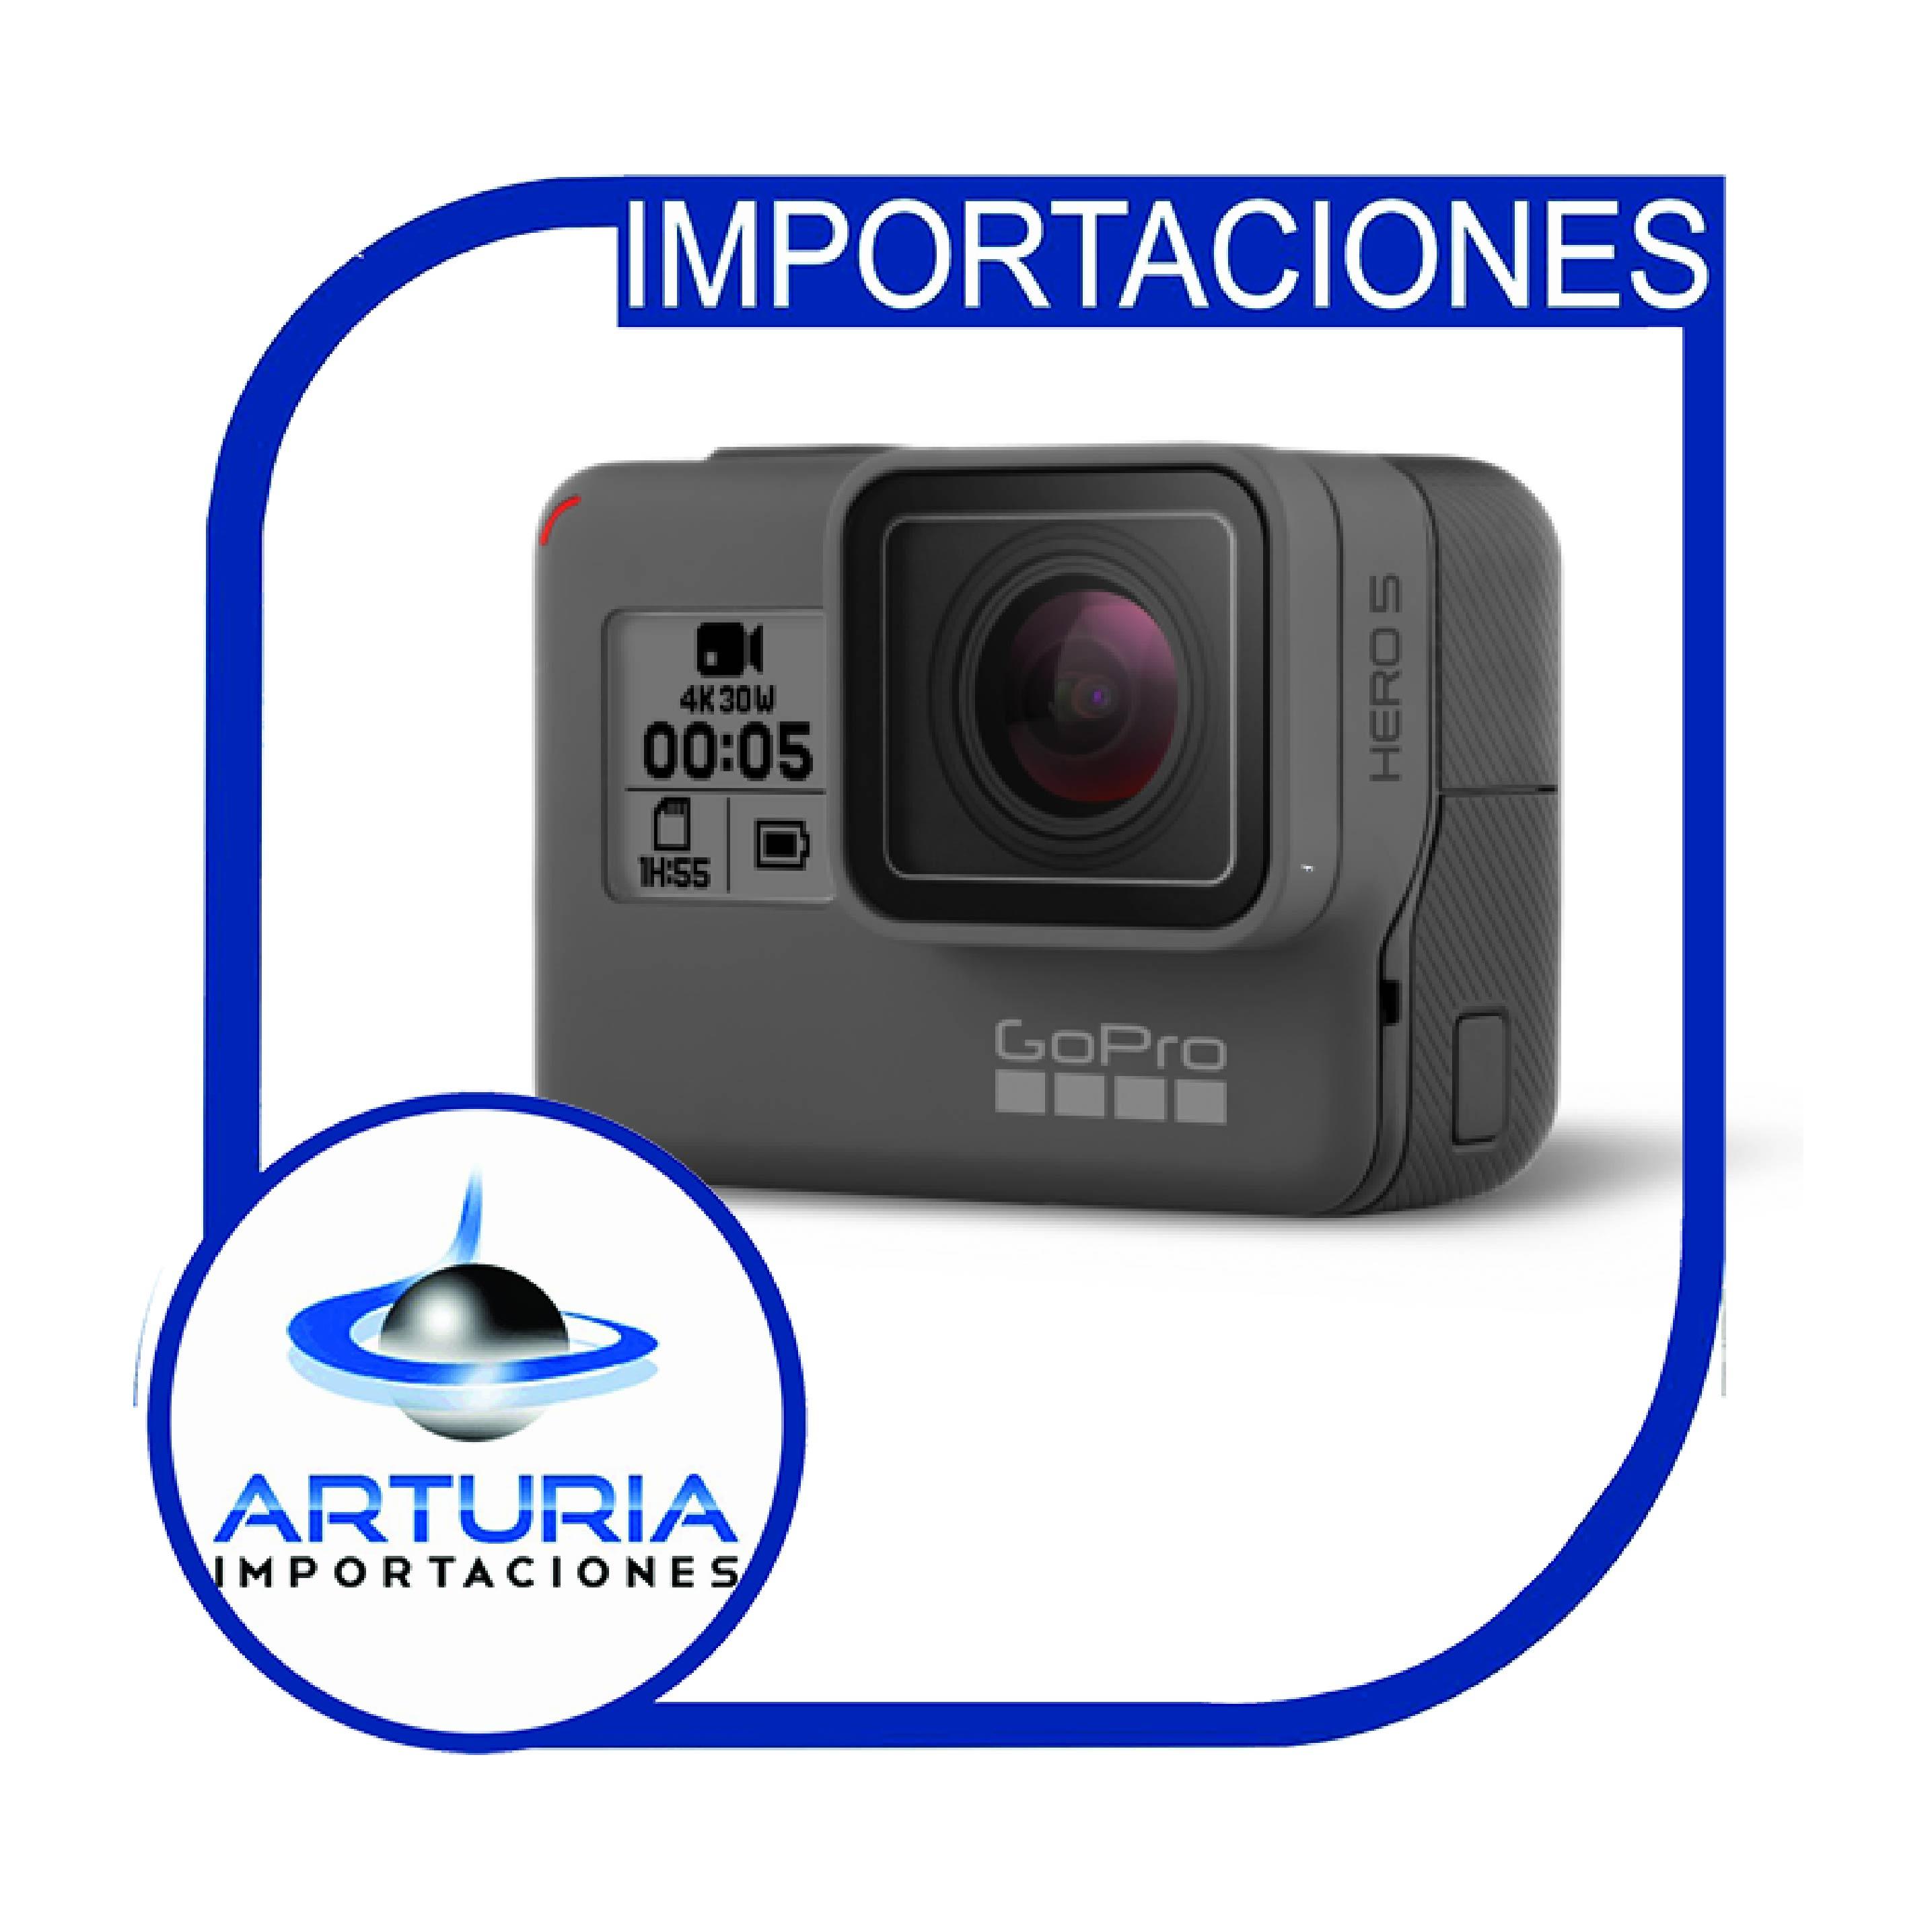 Cámaras Fotografía y Video archivos - Importaciones Arturia